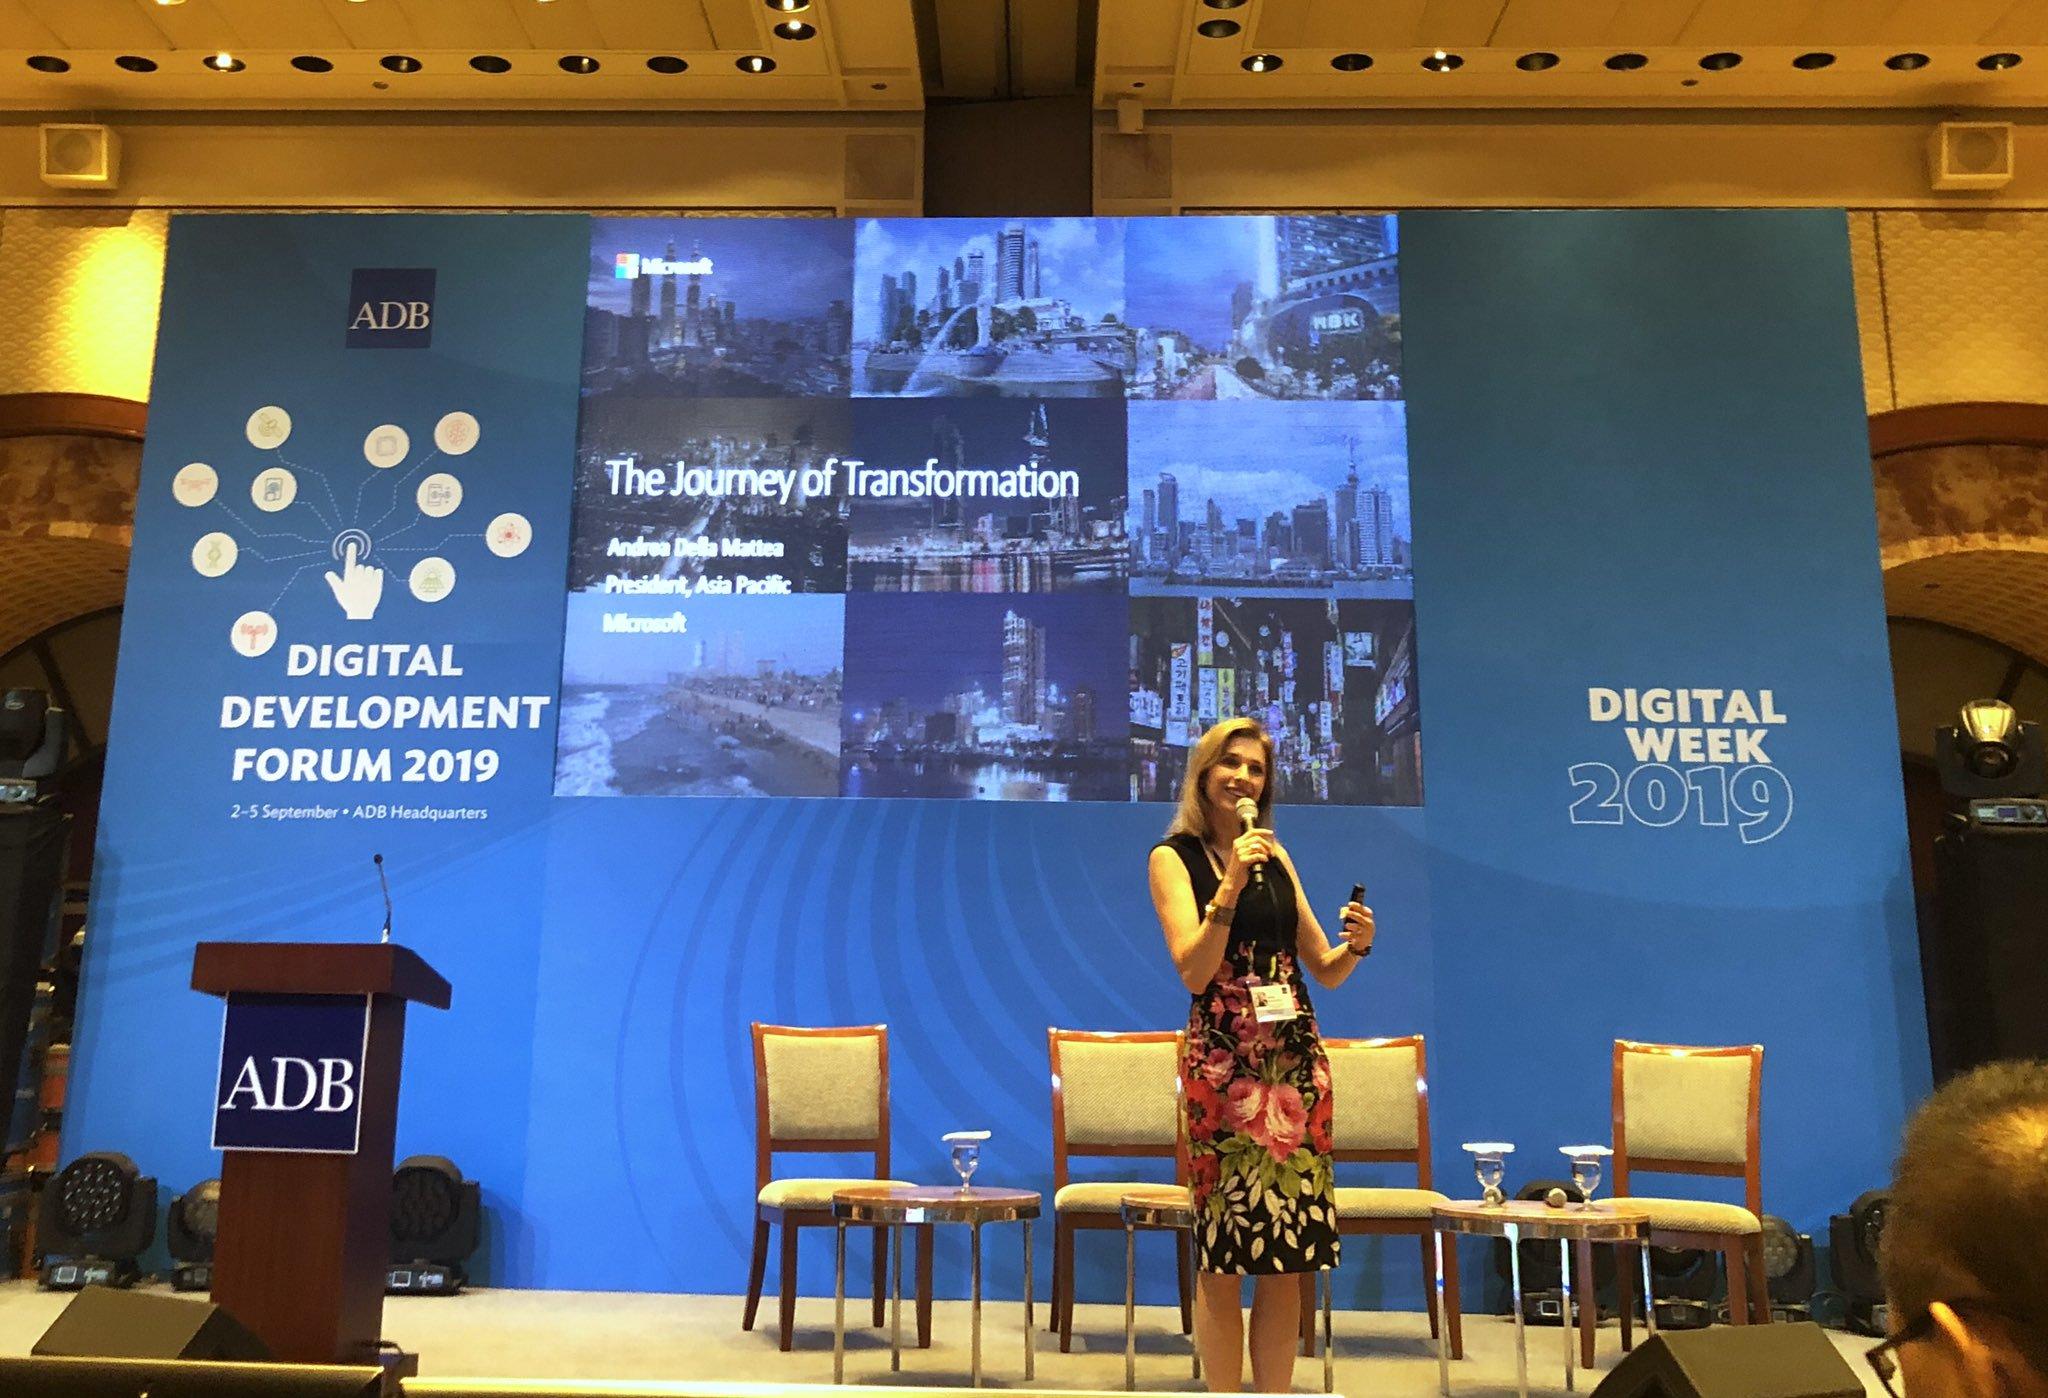 """9:44 a.m. - President Andrea Della Mattea from Microsoft Asia Pacific talks about Microsoft's """"Journey of Transformation""""."""